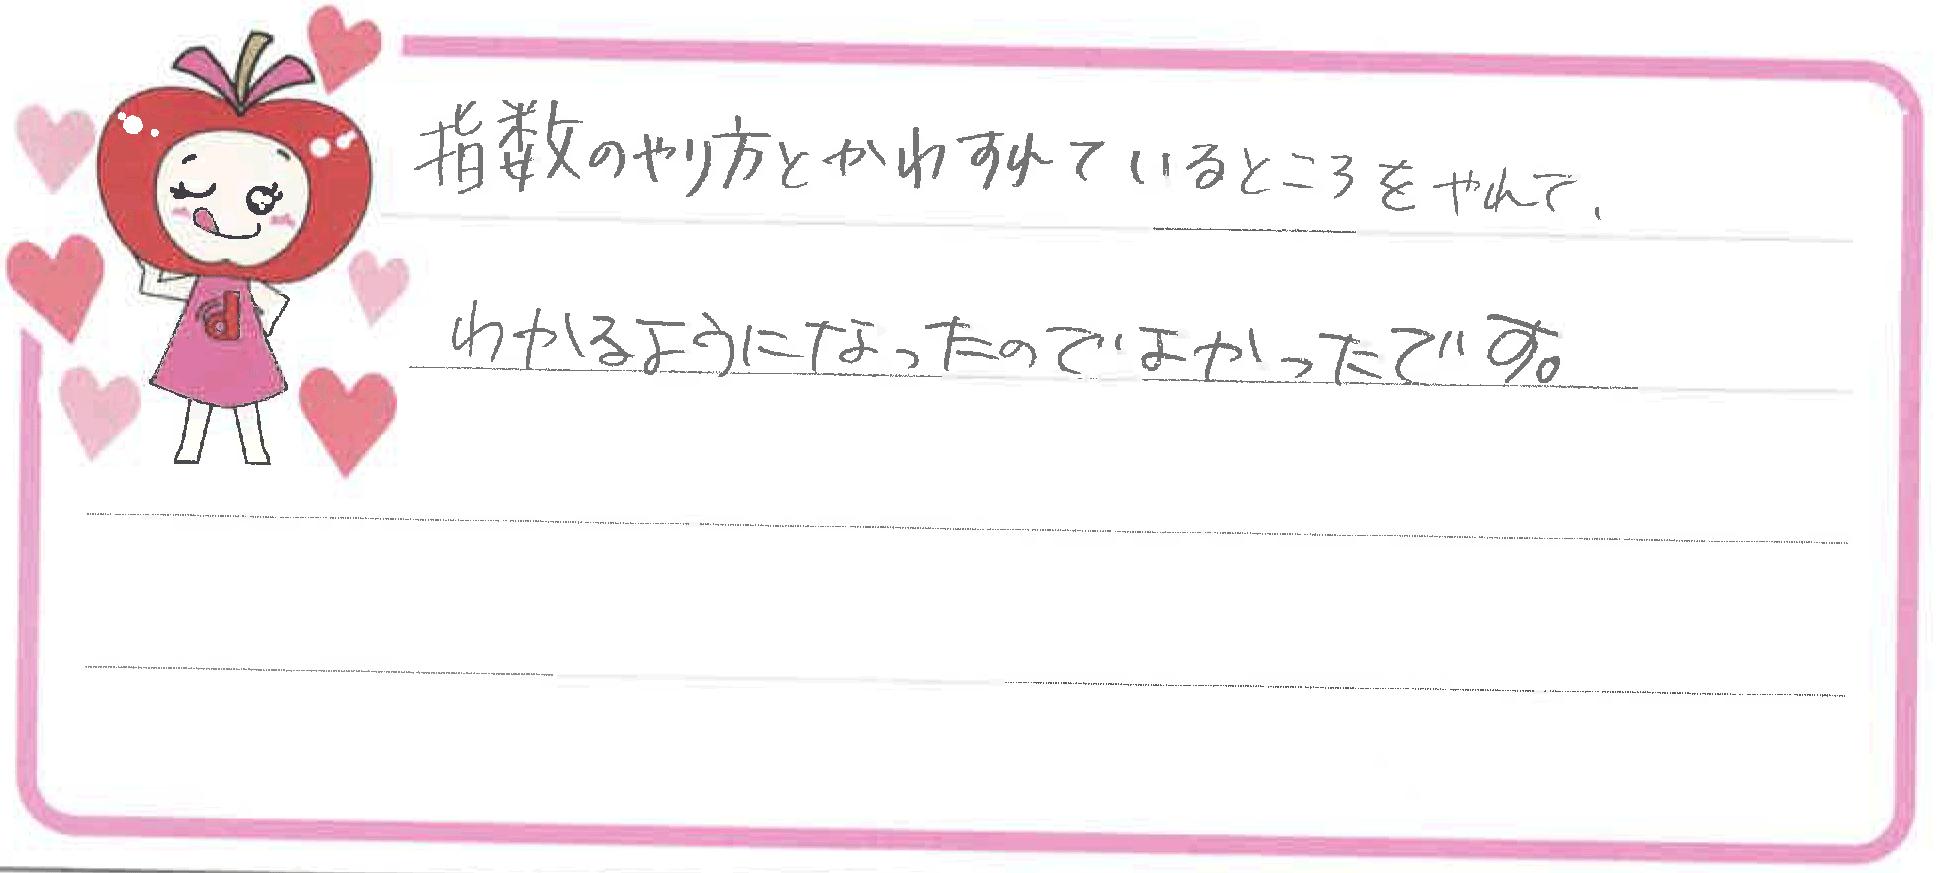 なつちゃん(あま市)からの口コミ